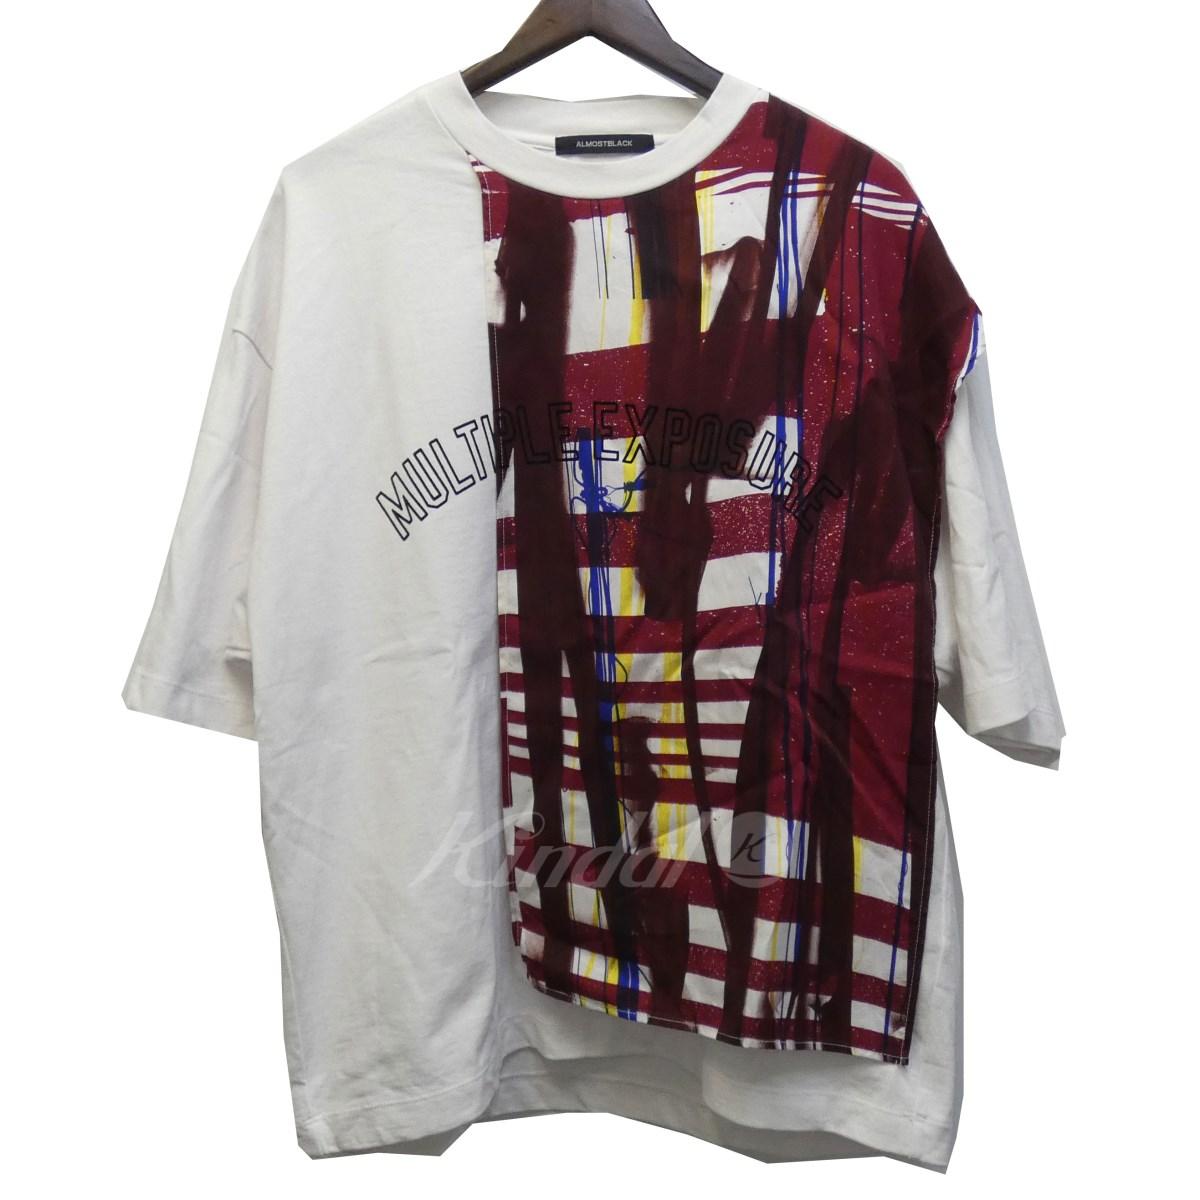 【中古】ALMOSTBLACK 18AW 切替デザインTシャツ ホワイト×マルチカラー サイズ:1 【送料無料】 【171018】(オールモストブラック)